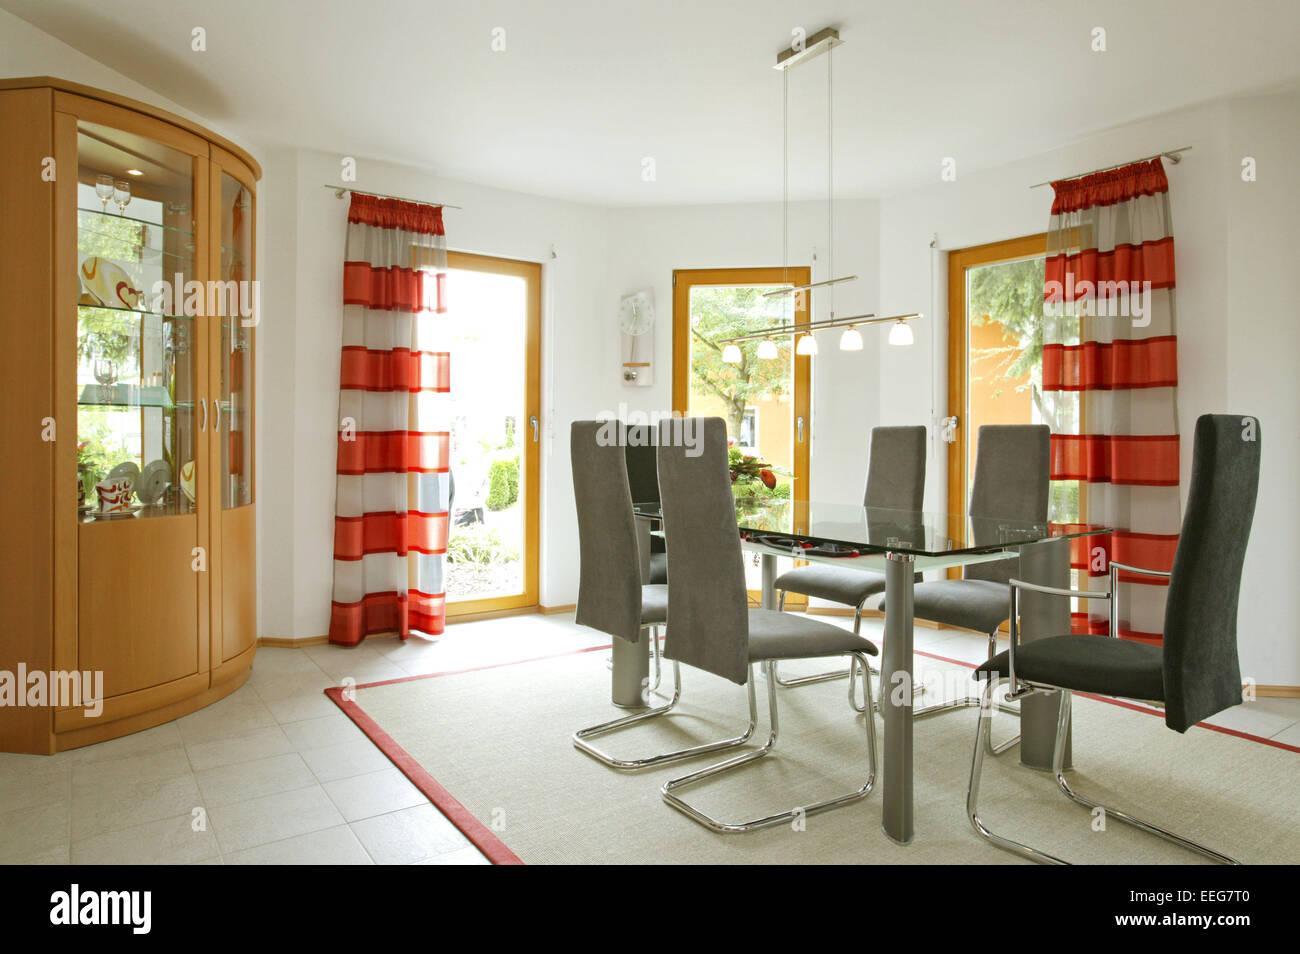 Ansprechend Esszimmer Schrank Referenz Von Wohnen Innenaufnahme Inneneinrichtung Wohnung Wohnraum Einrichtung Moebel